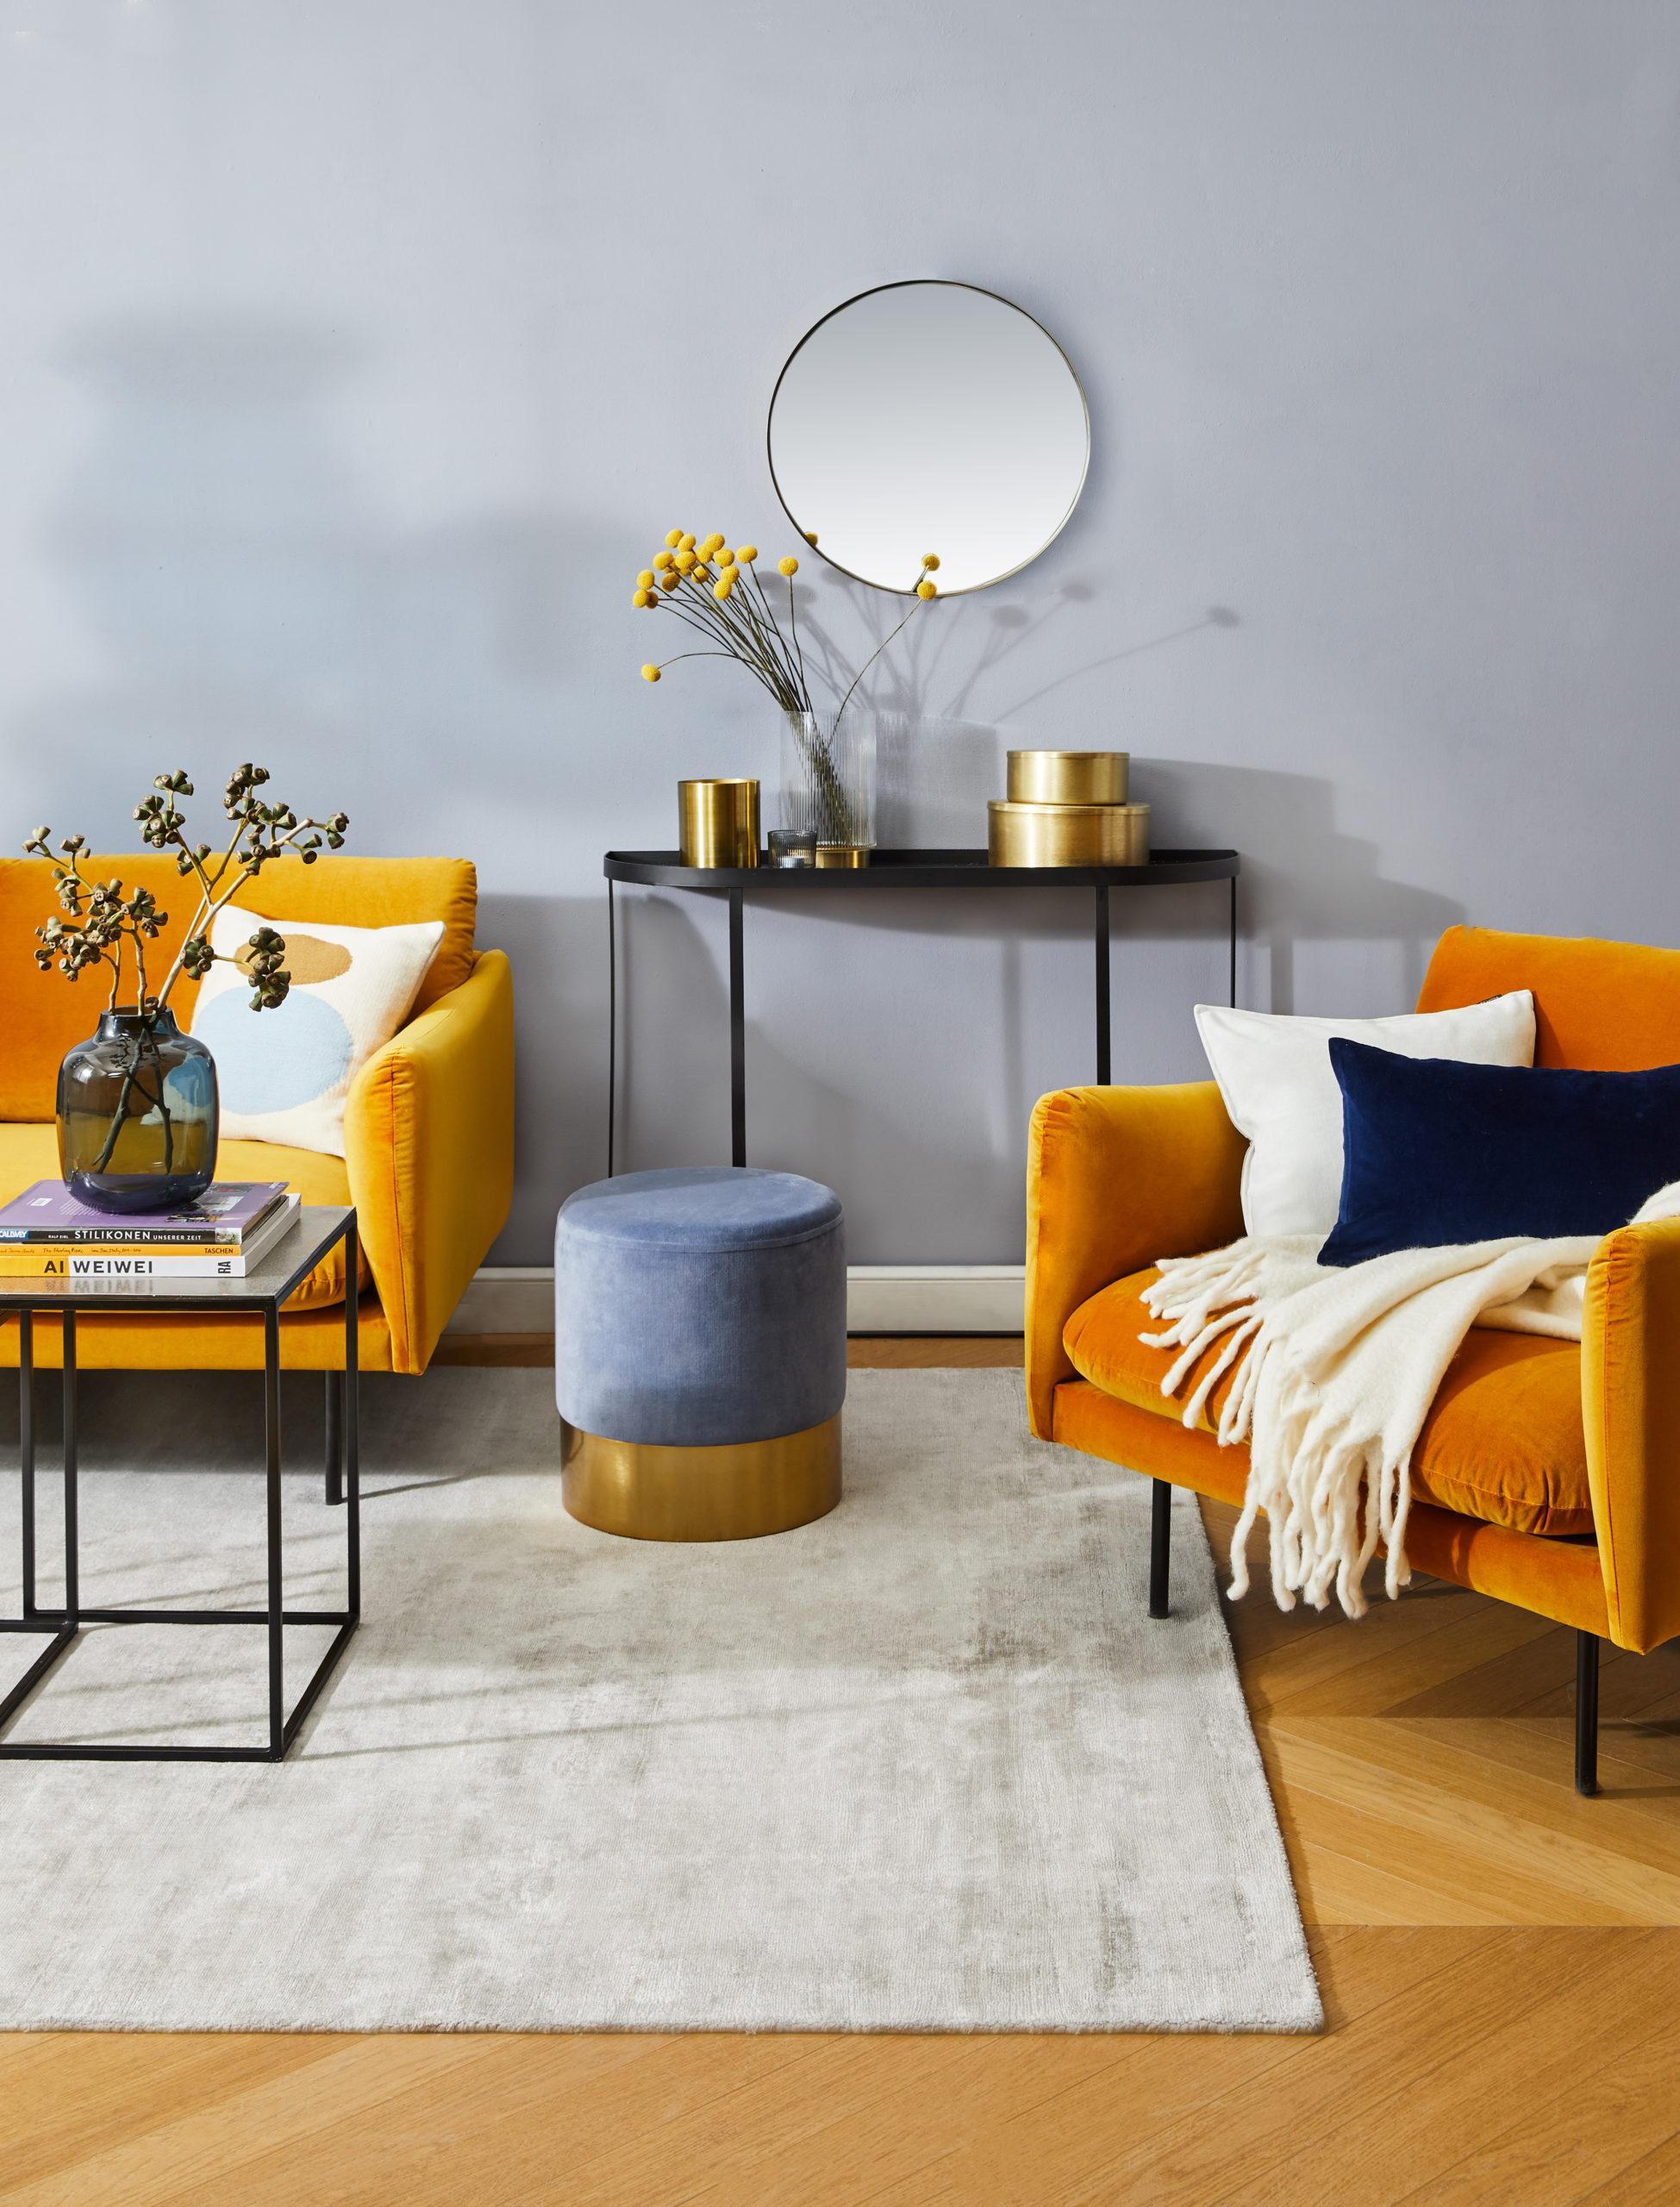 Żółte meble w pastelowym pomieszczeniu